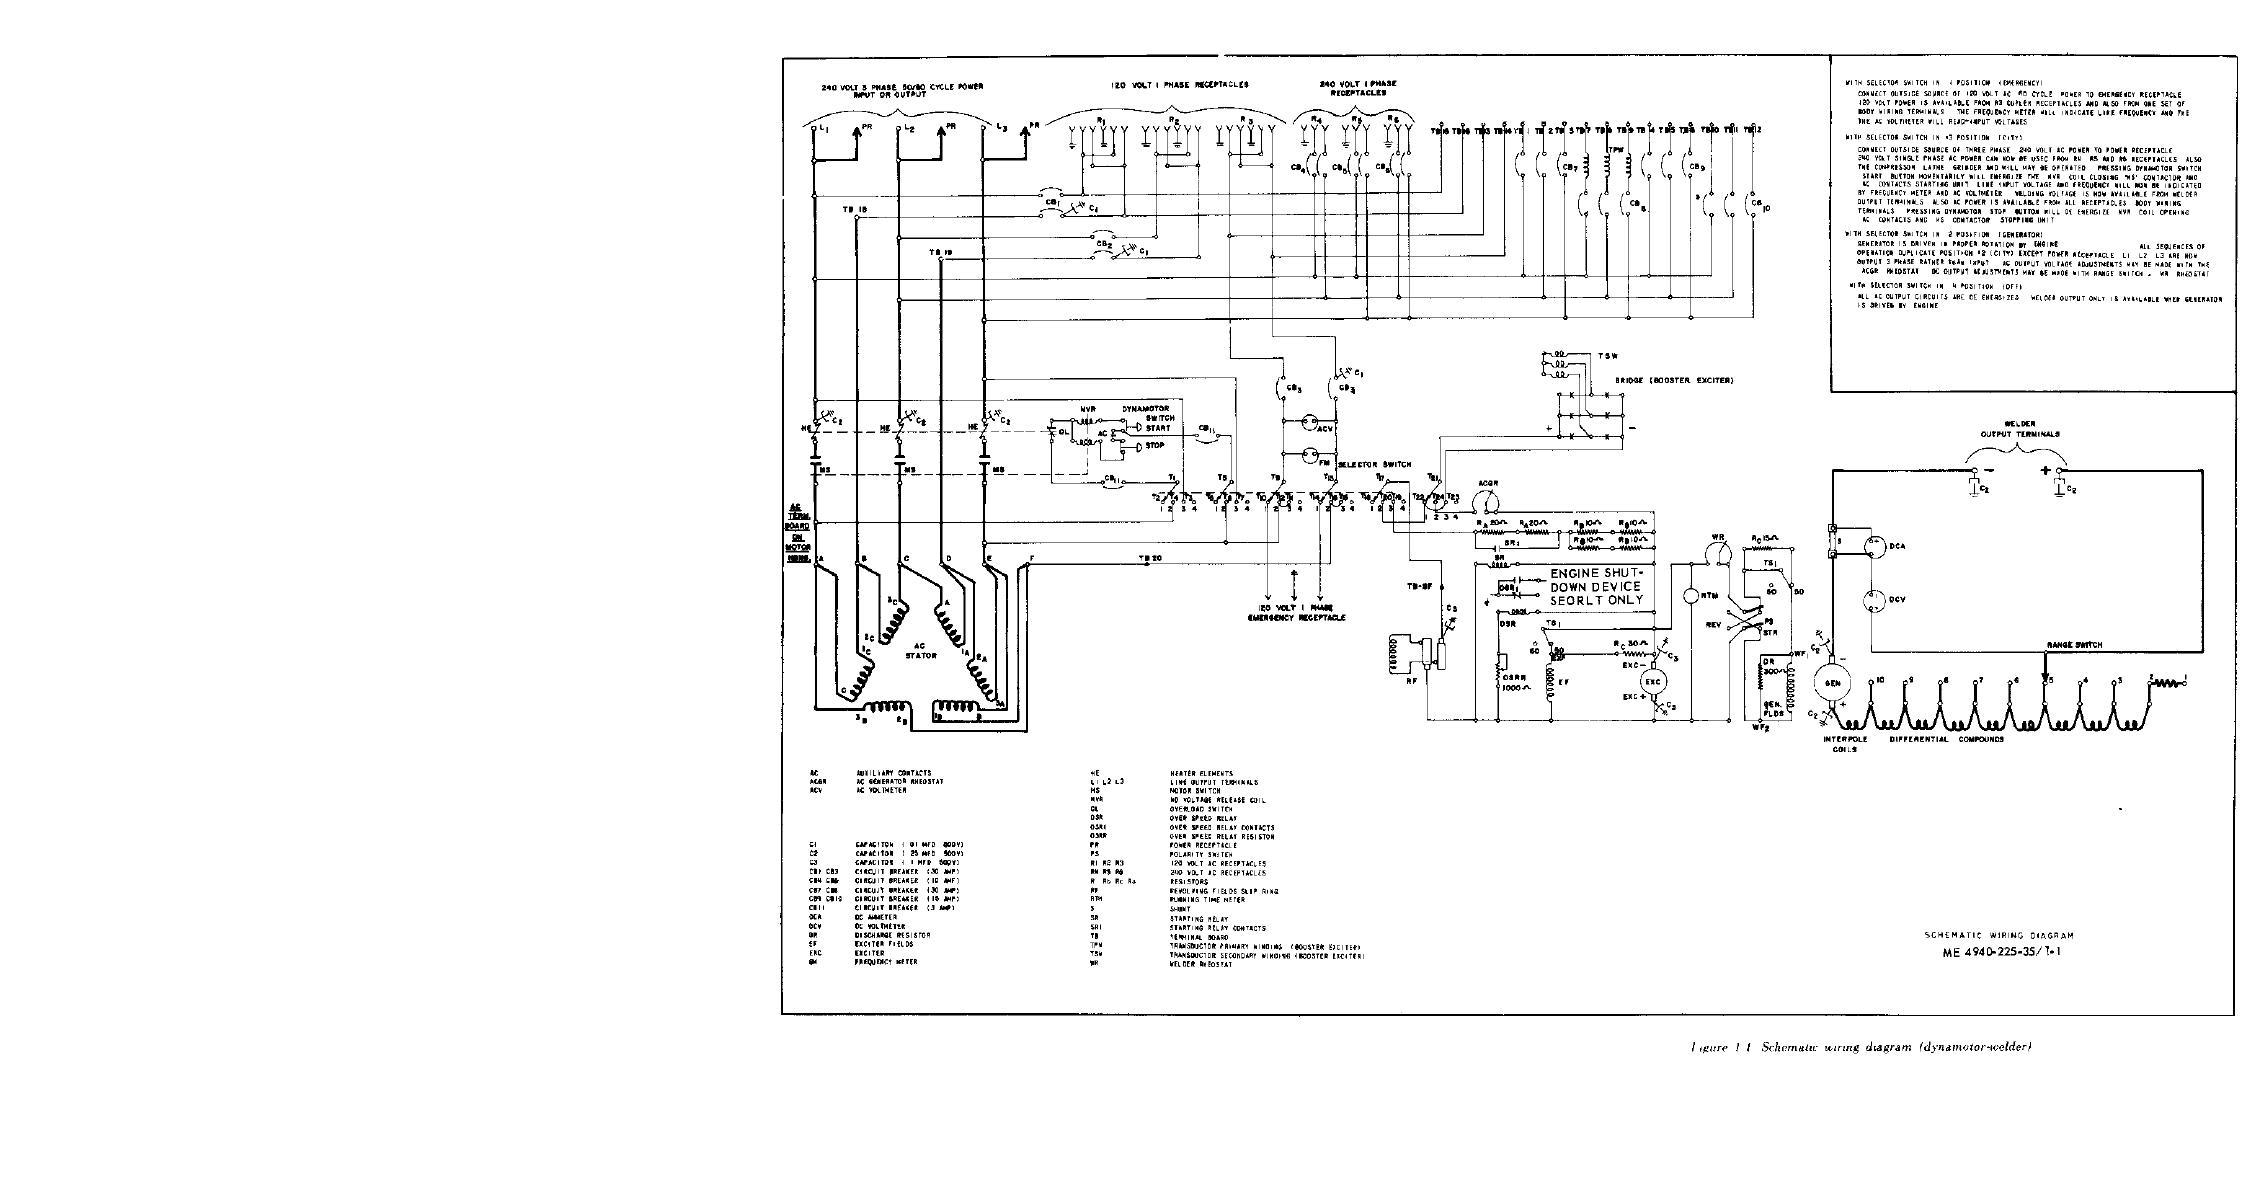 2010 keystone sprinter wiring diagram